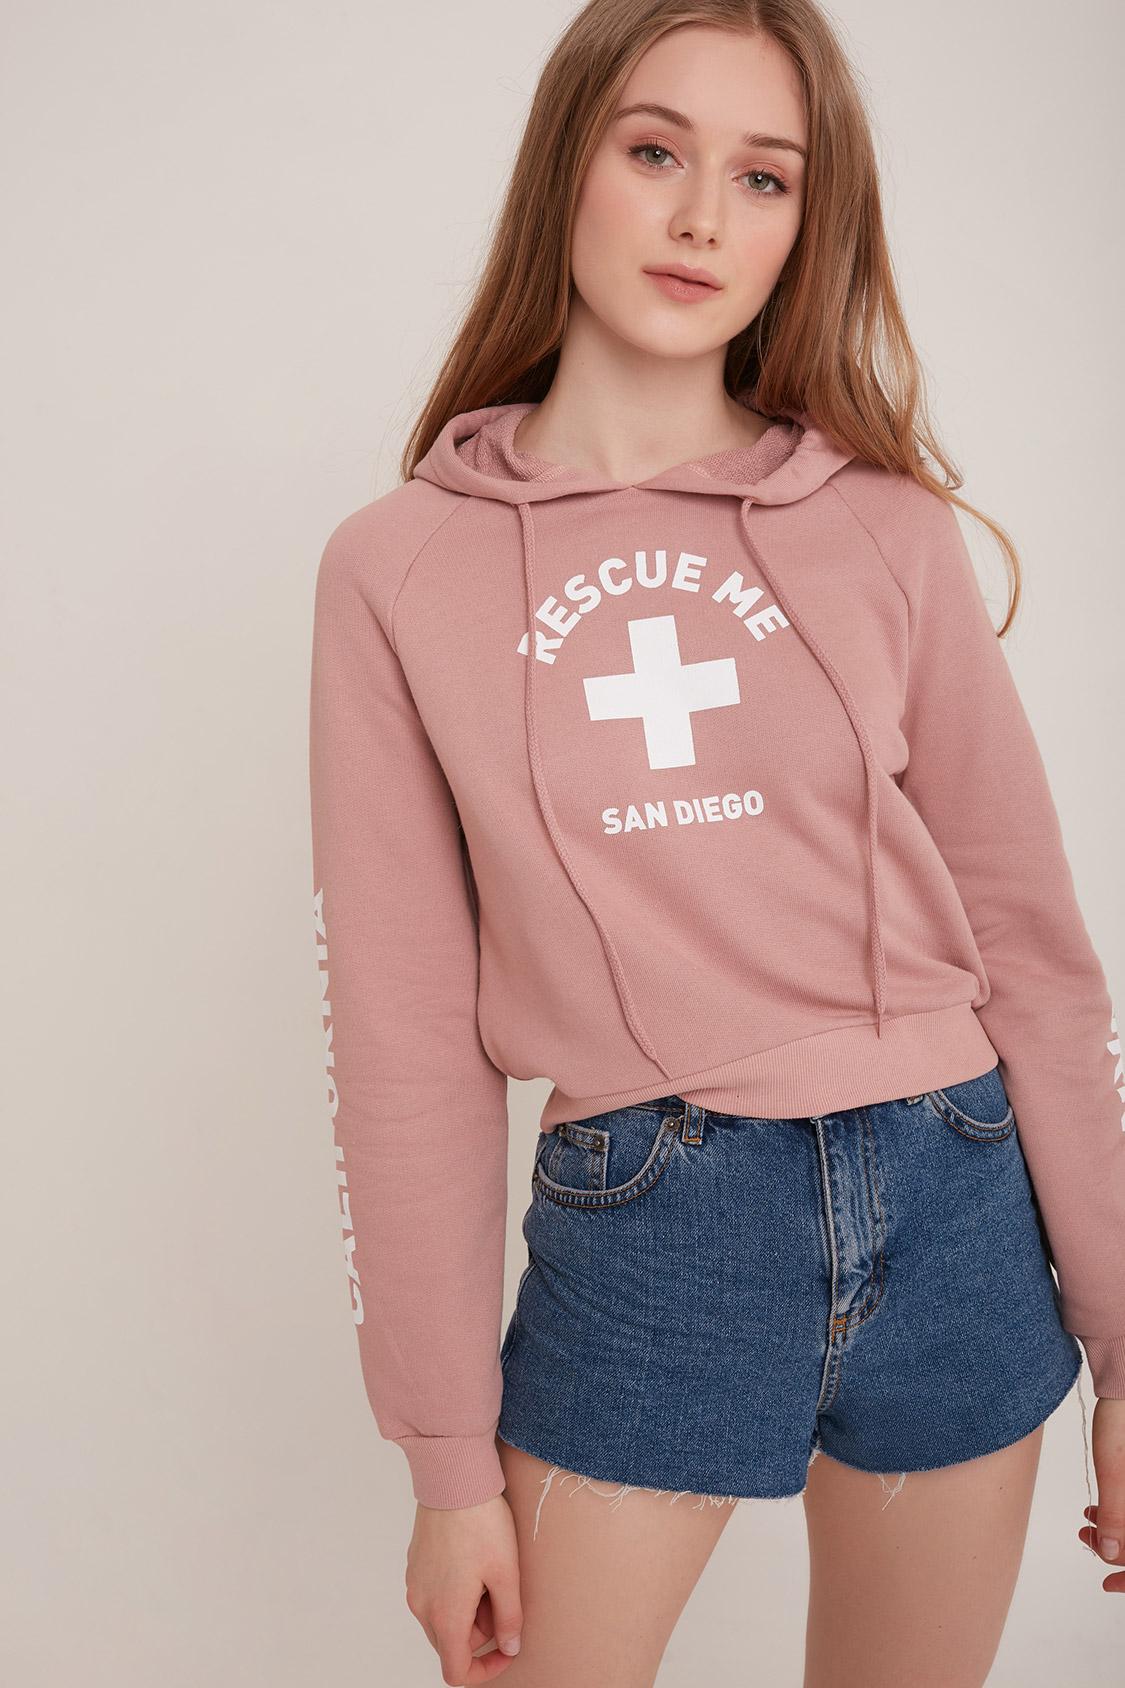 Rescue me hoodie